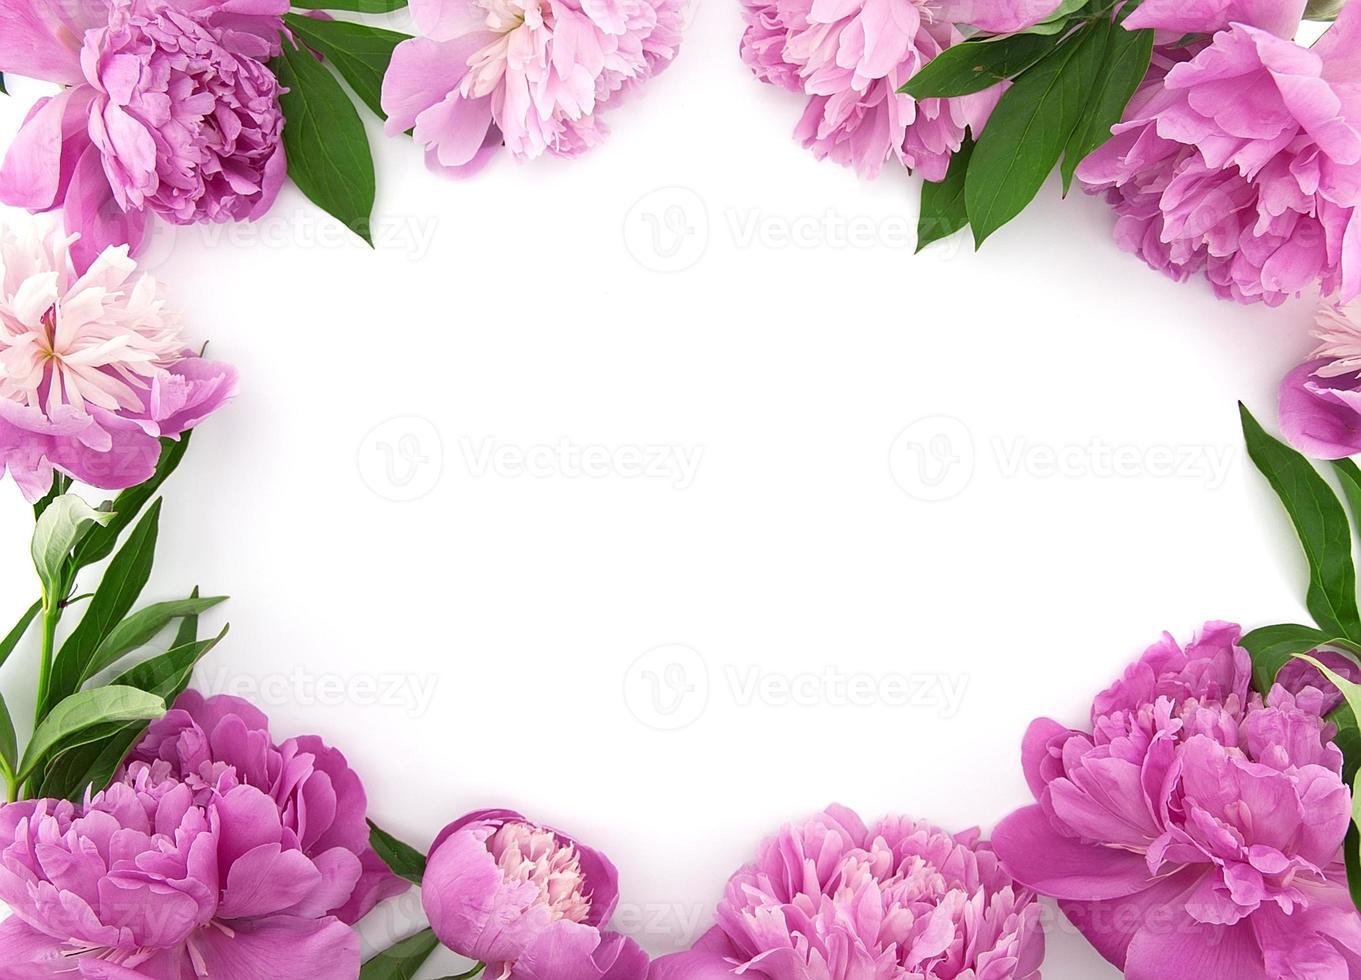 roze pioenbloem op witte achtergrond met exemplaarruimte foto